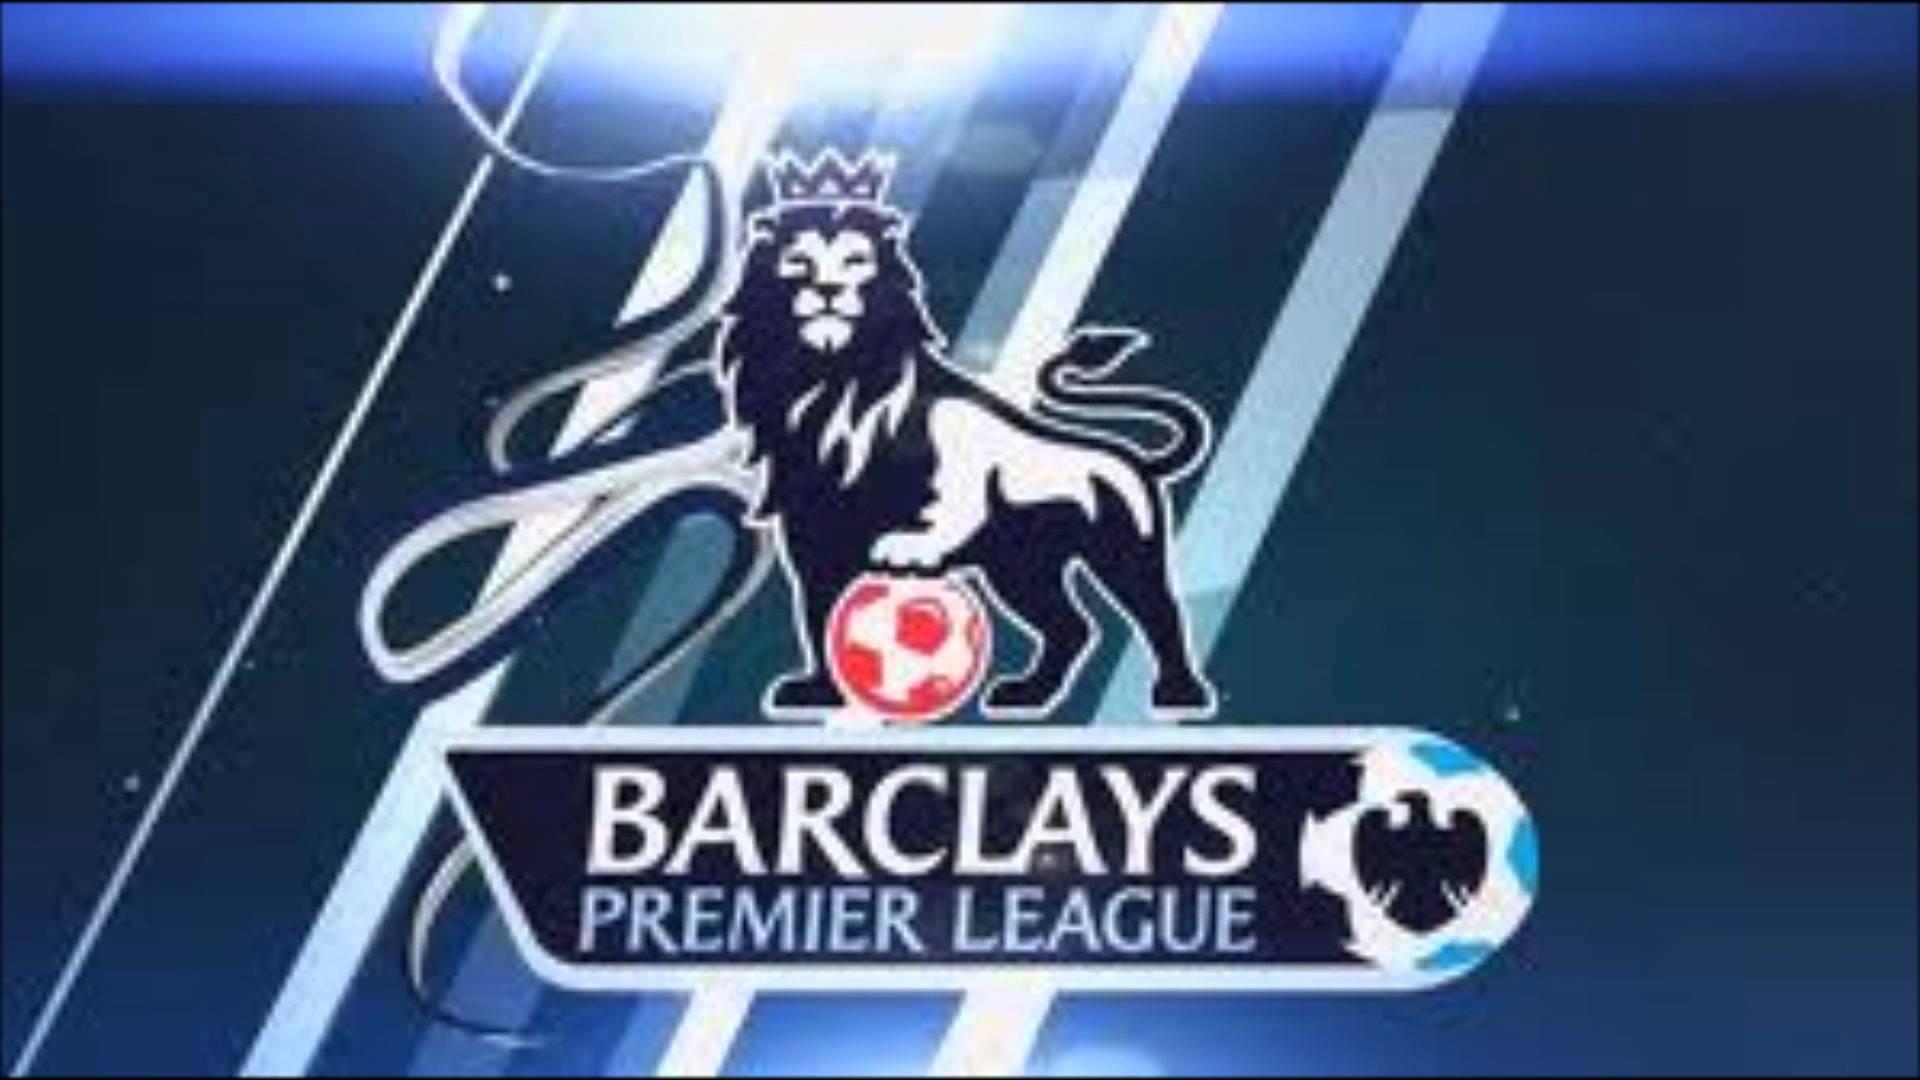 Premier League Wallpapers Wallpaper Cave